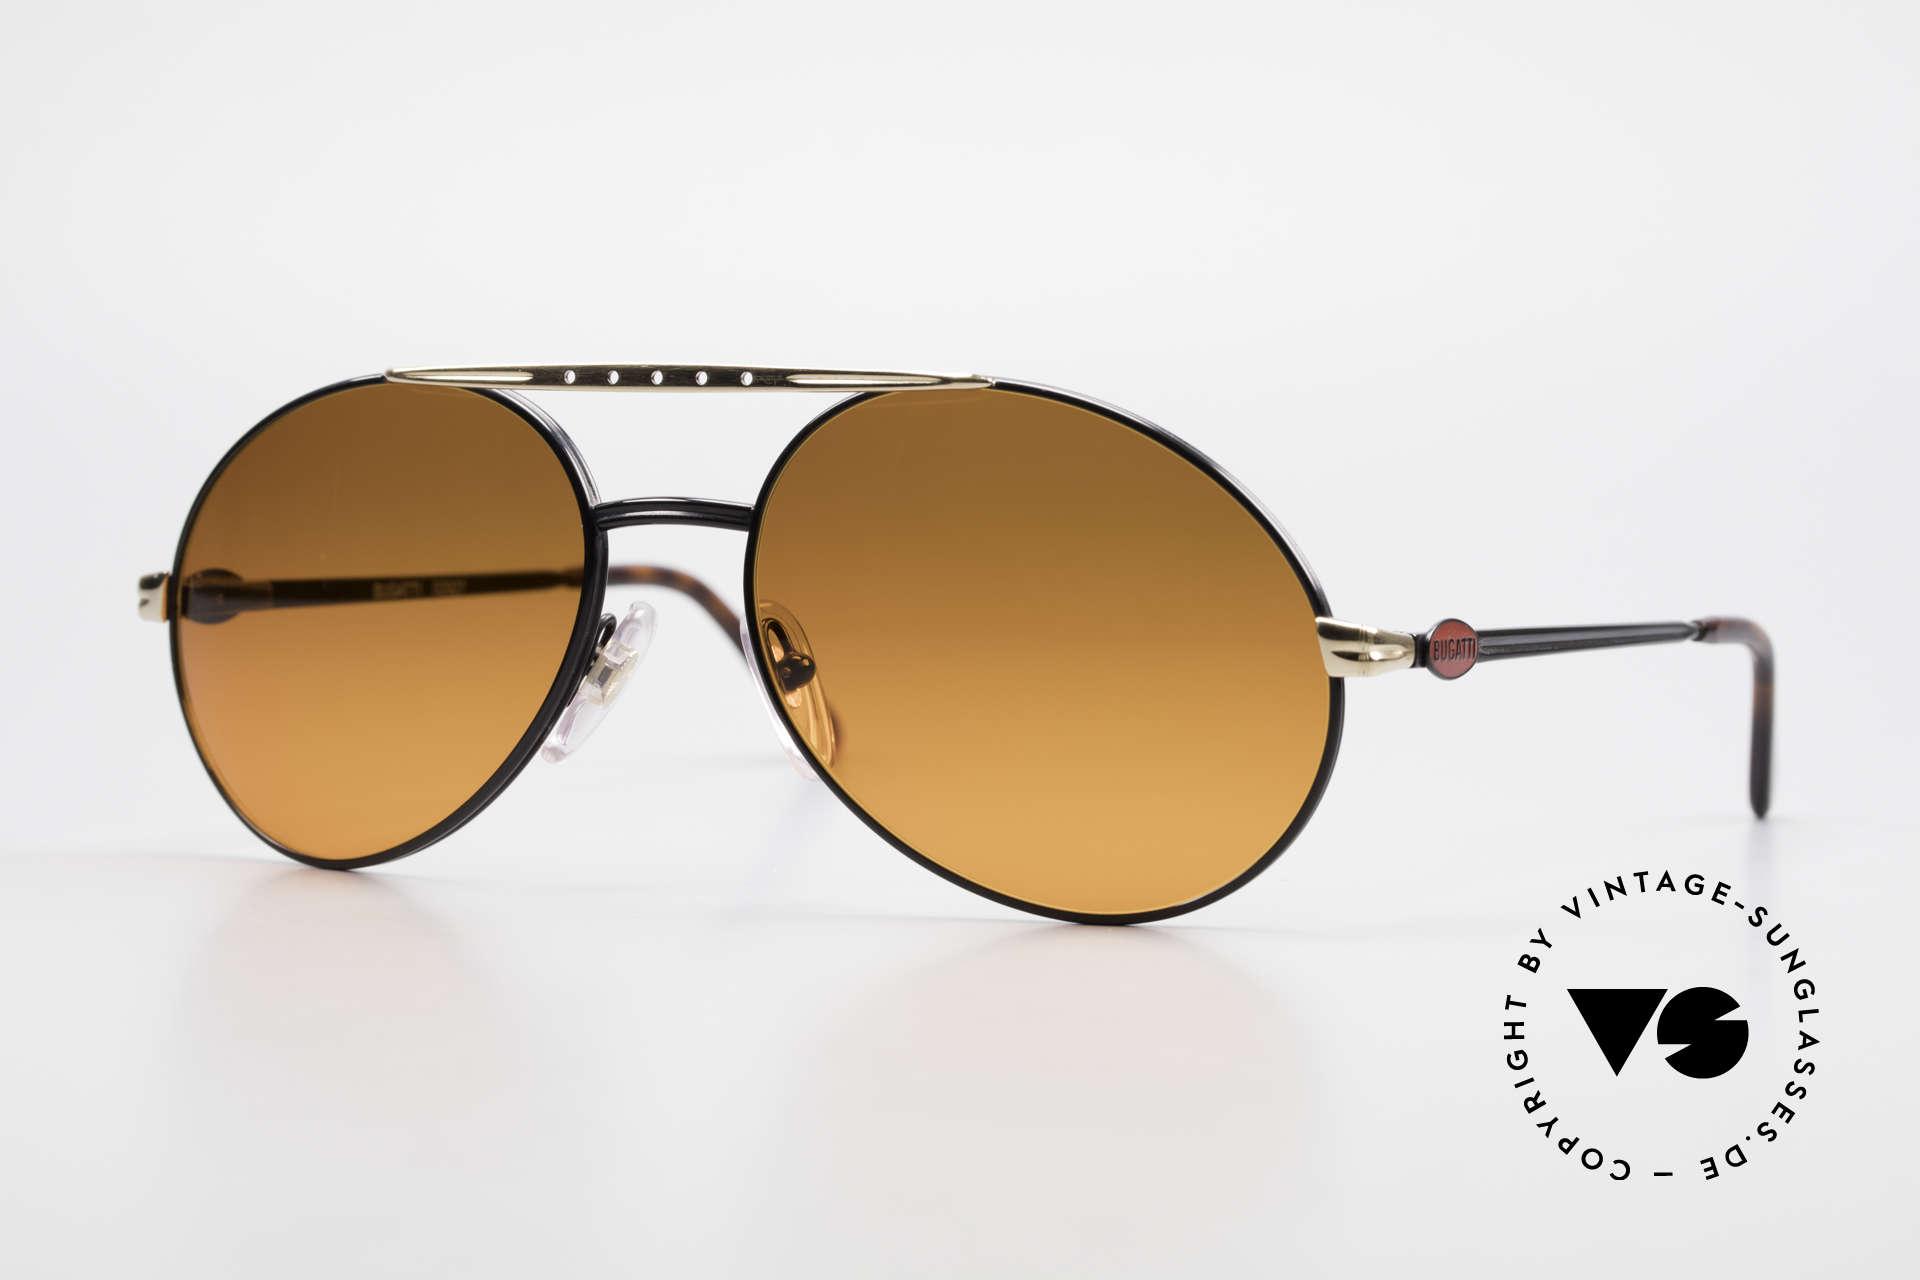 Bugatti 02927 Sunset Sonnengläser Rarität, sehr elegante Bugatti vintage Designer-Sonnenbrille, Passend für Herren